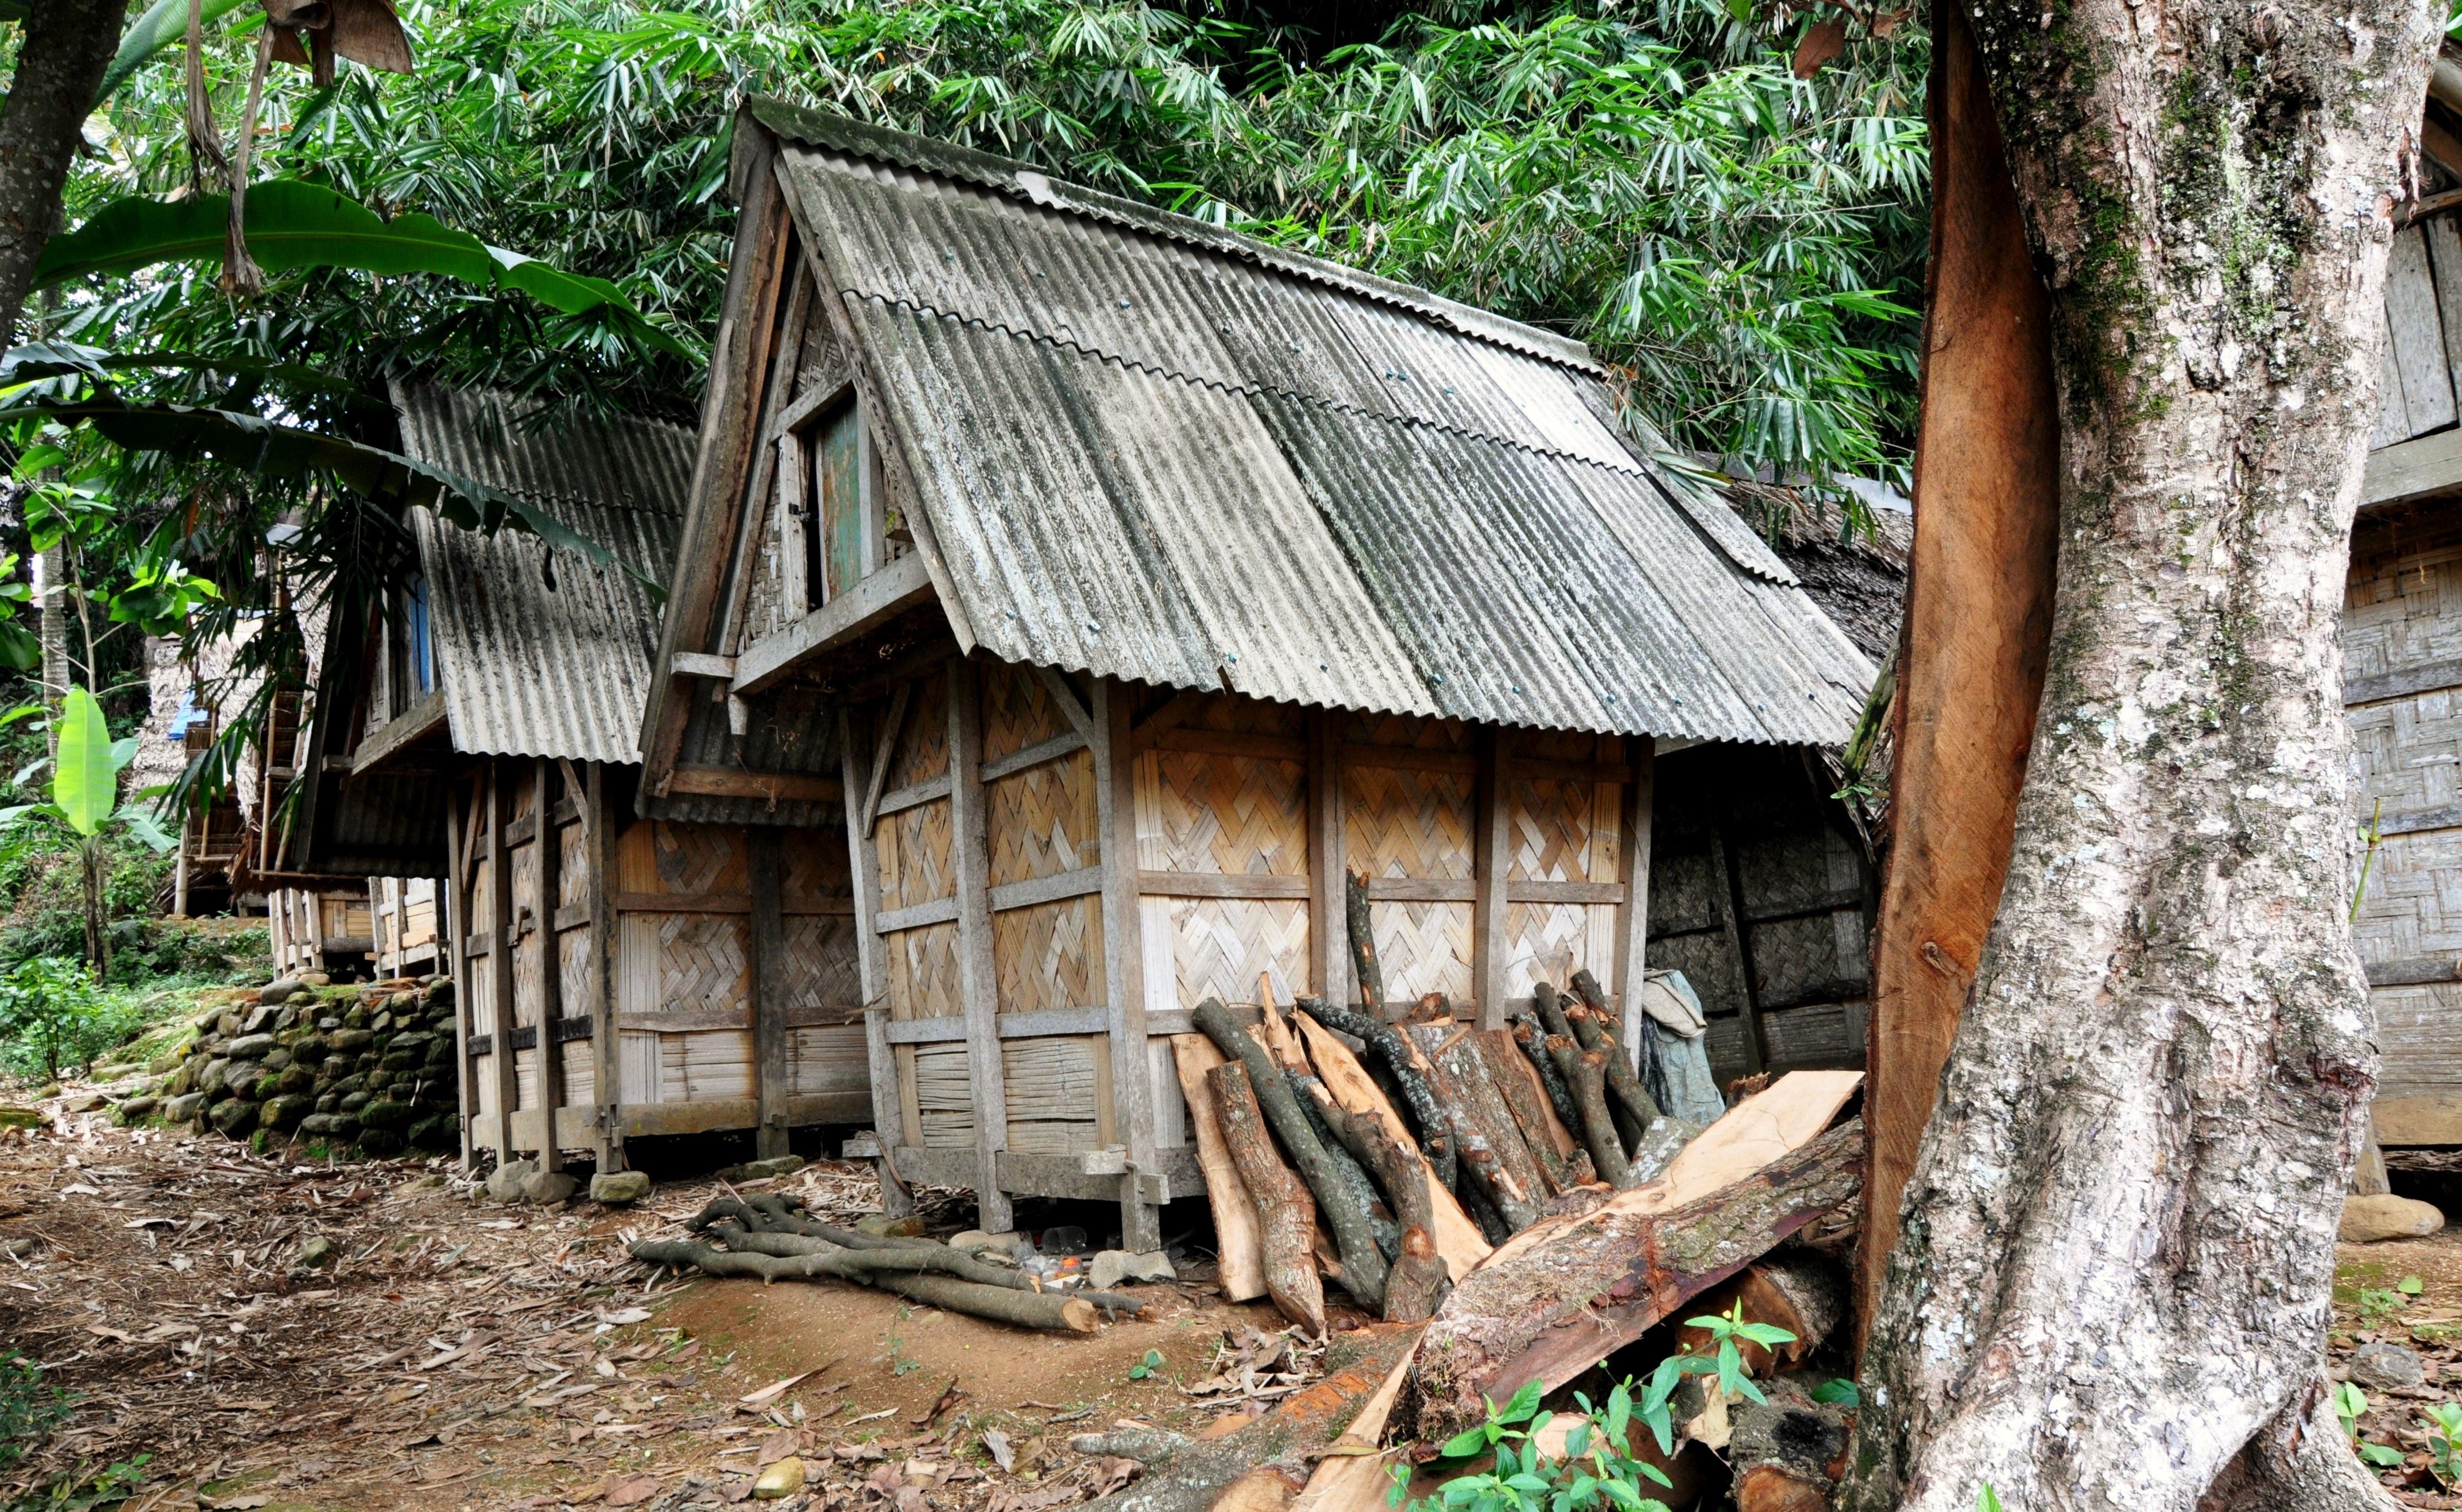 Tempat Penyimpanan Padi (Leuit) di Kampung Urug